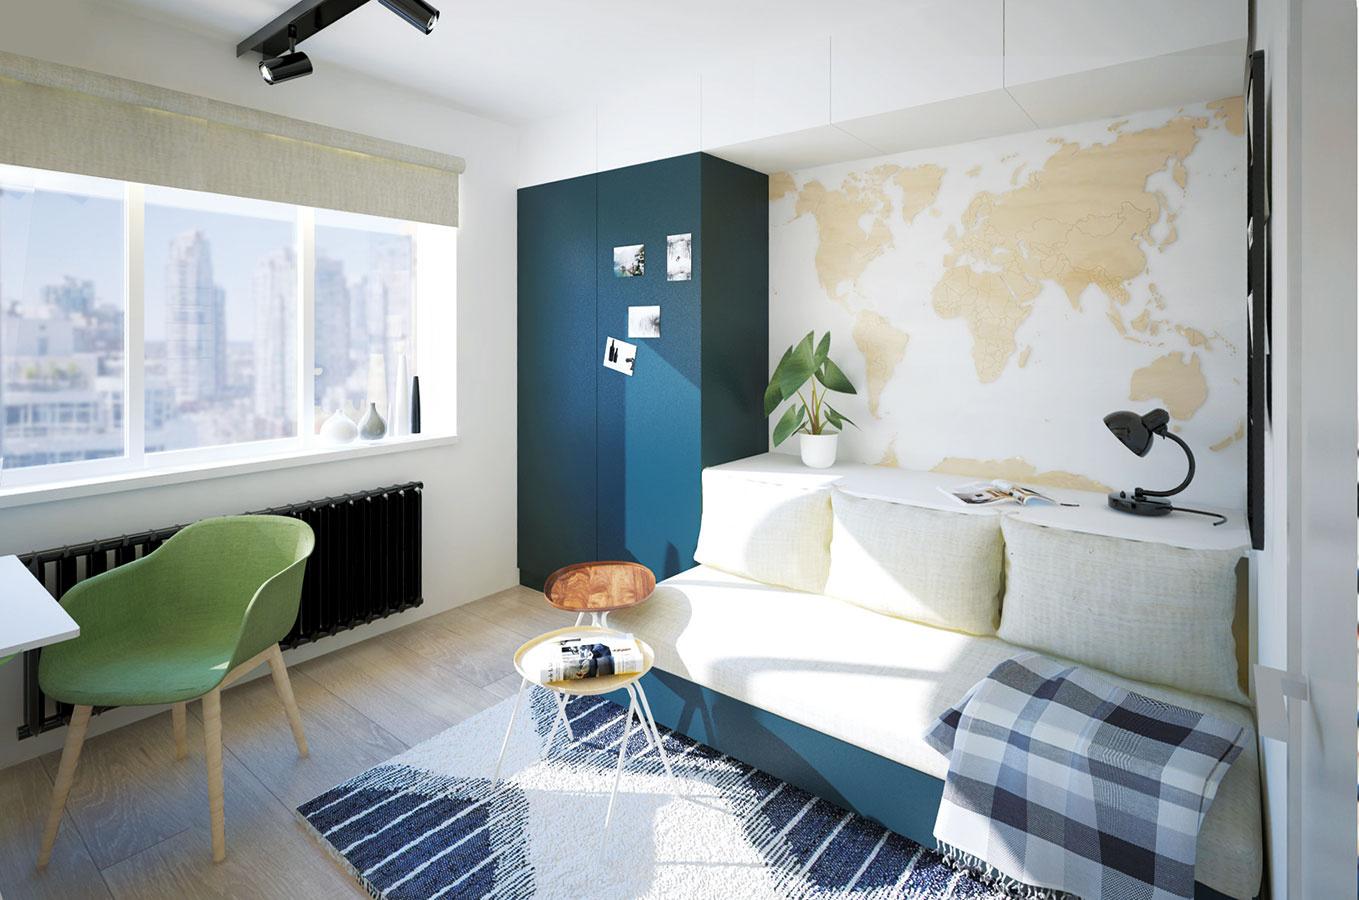 Multifunkčná nábytková stena tvorí celok zastupujúci úložné priestory, sedačku aj posteľ. Modrá farba podporuje cestovateľskú náladu vinteriéri.